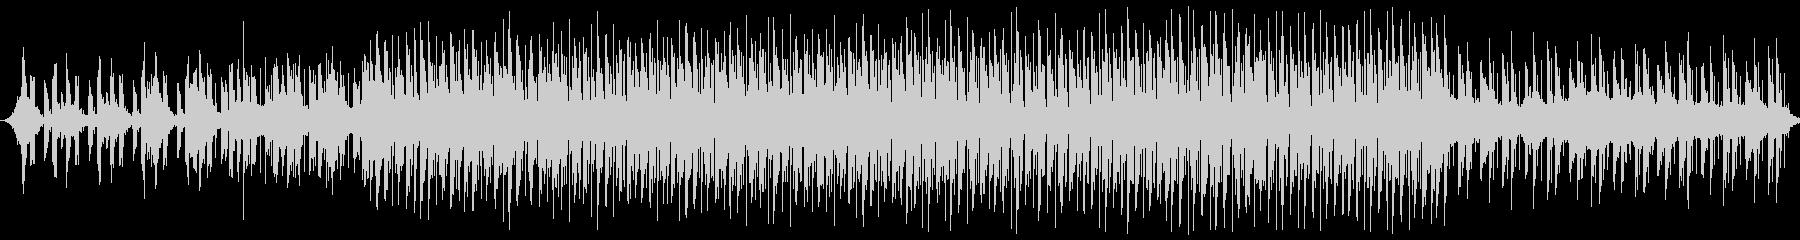 オーケストラのリズムにデジタルっぽさを…の未再生の波形